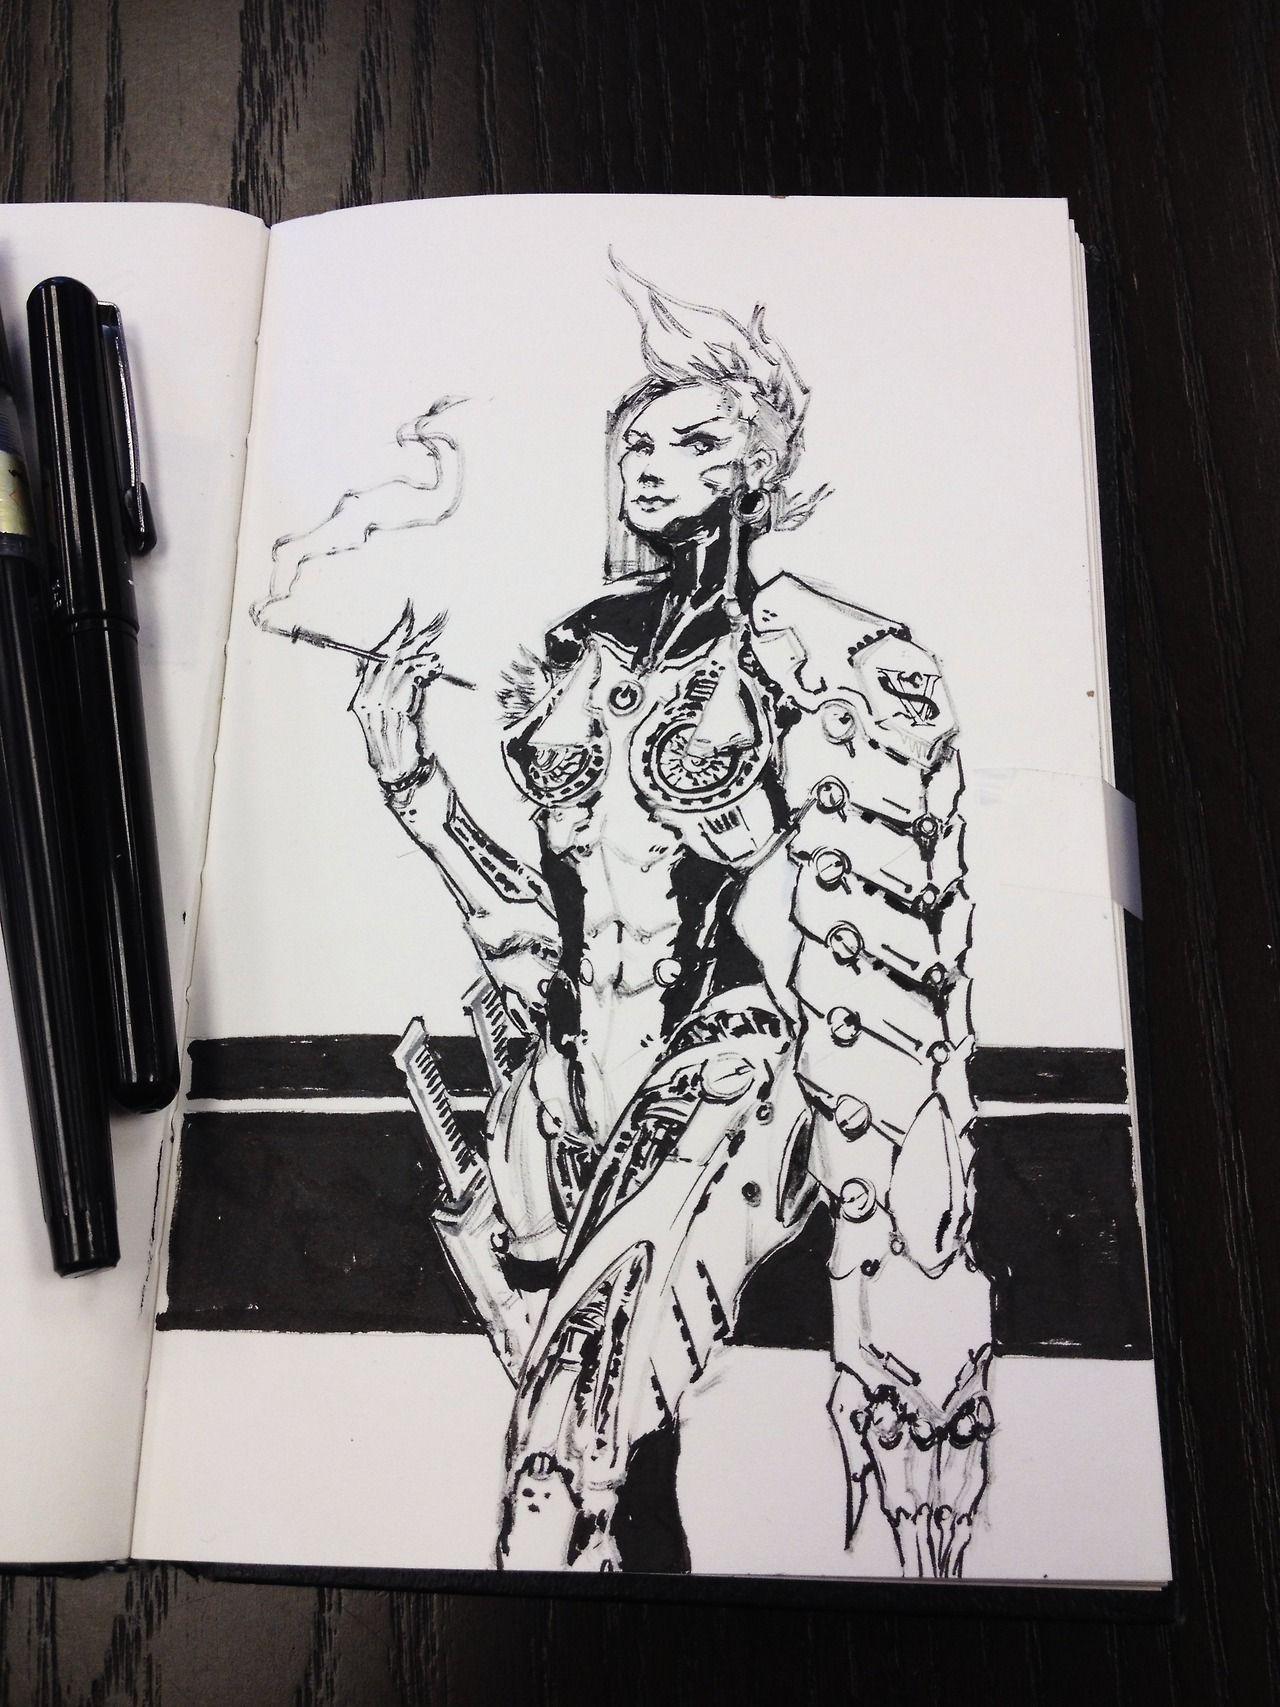 Super Robot Bomber, Samus, some cyberpunk femme fatale and a...